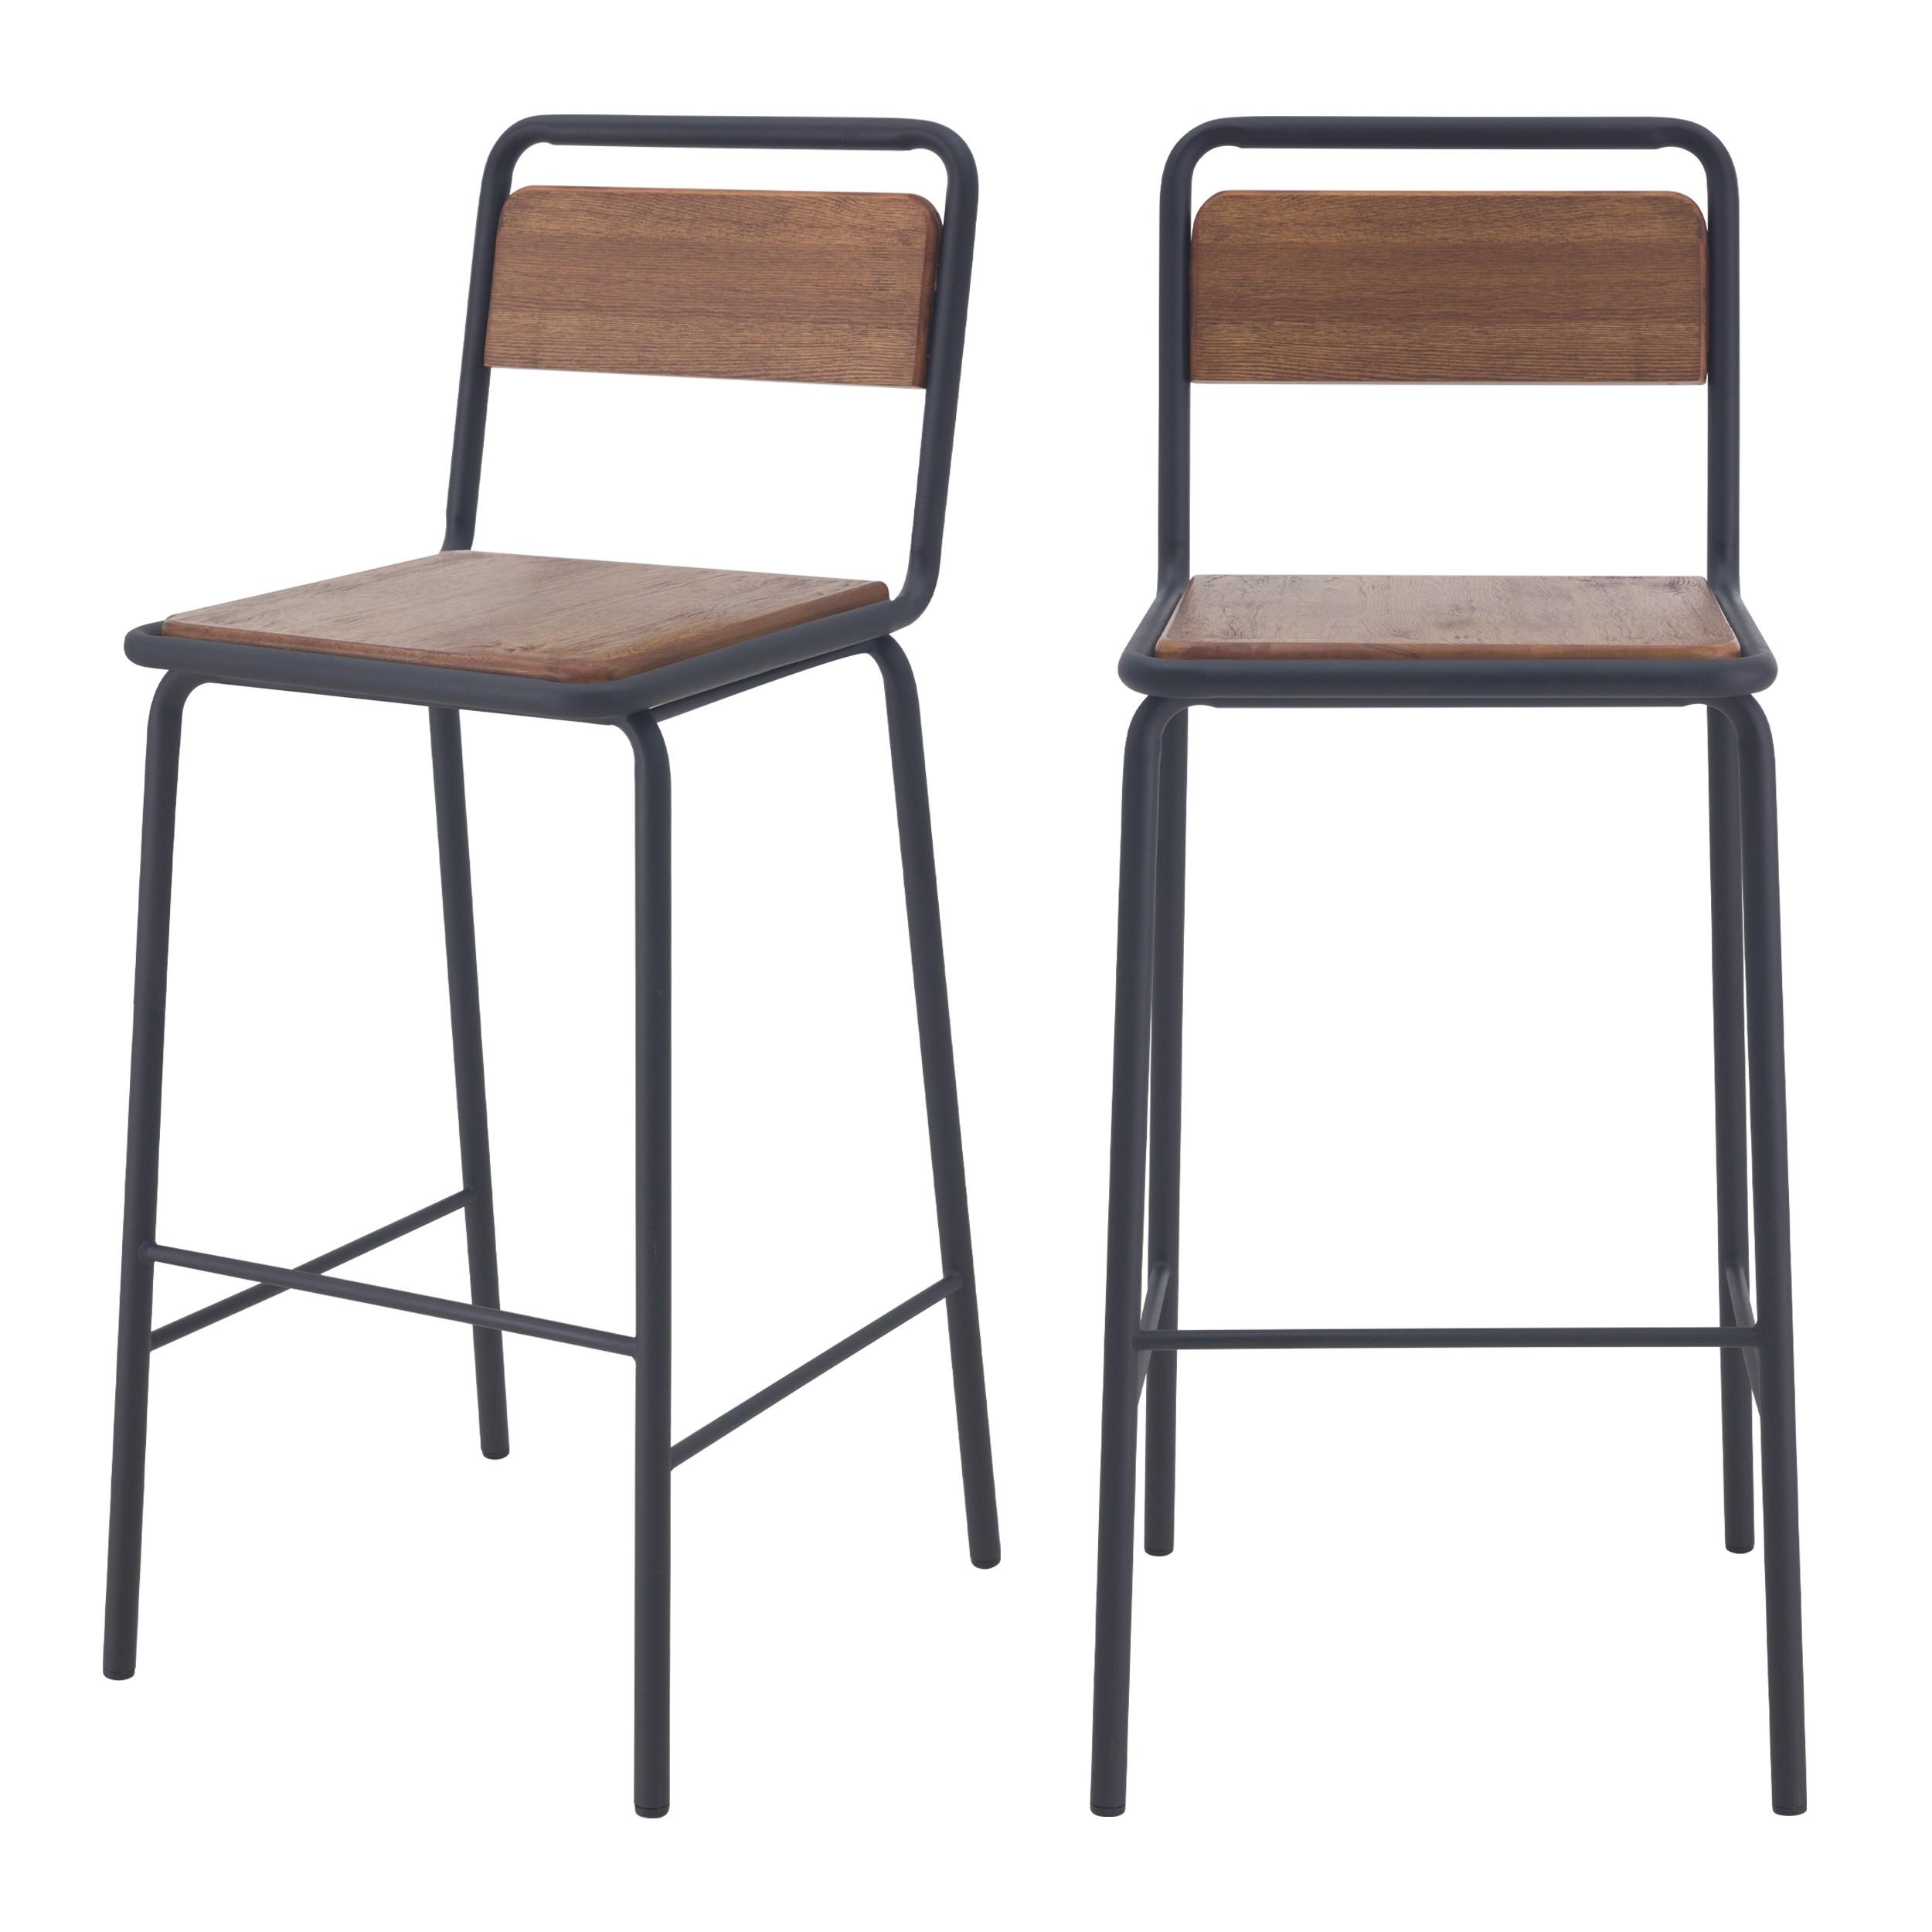 acheter chaises de bar ecolier bois lot de 2